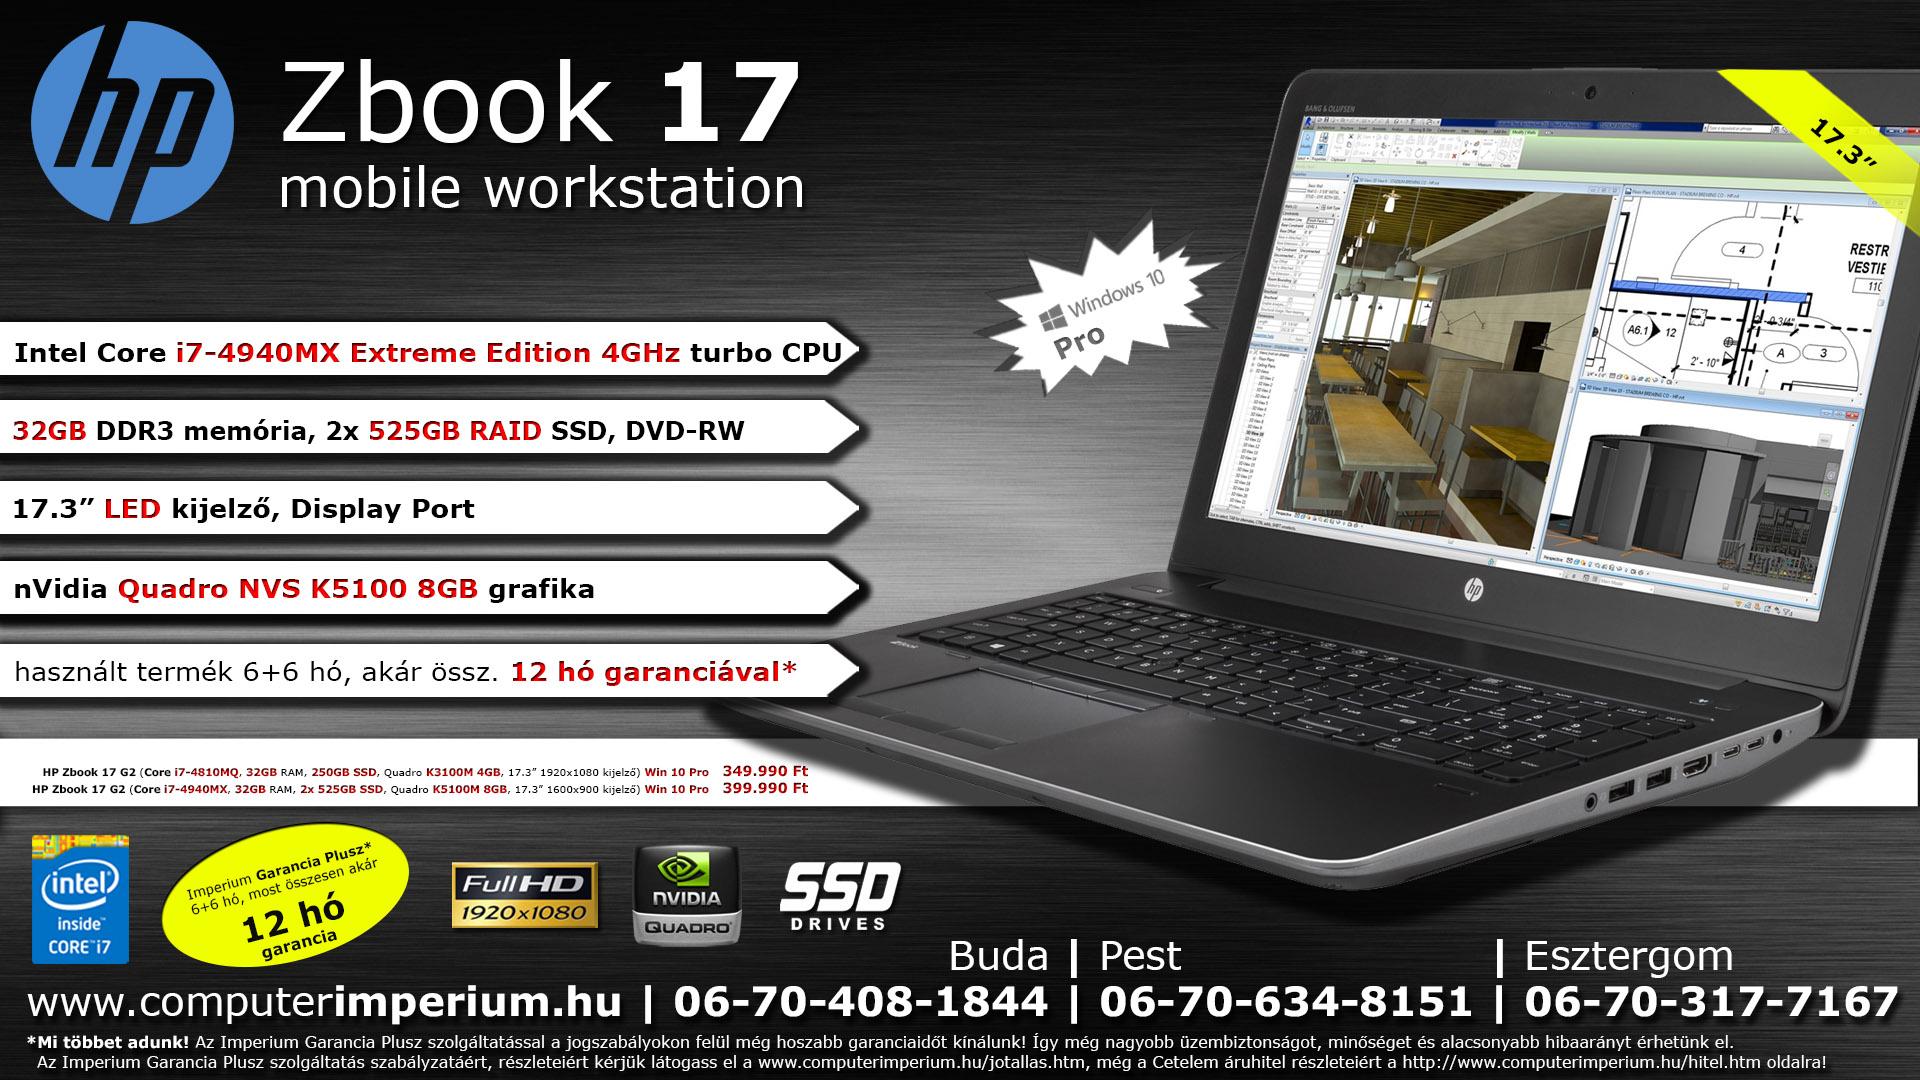 HP Zbook 17 G2 (i7-4810MQ c491cc9fcc